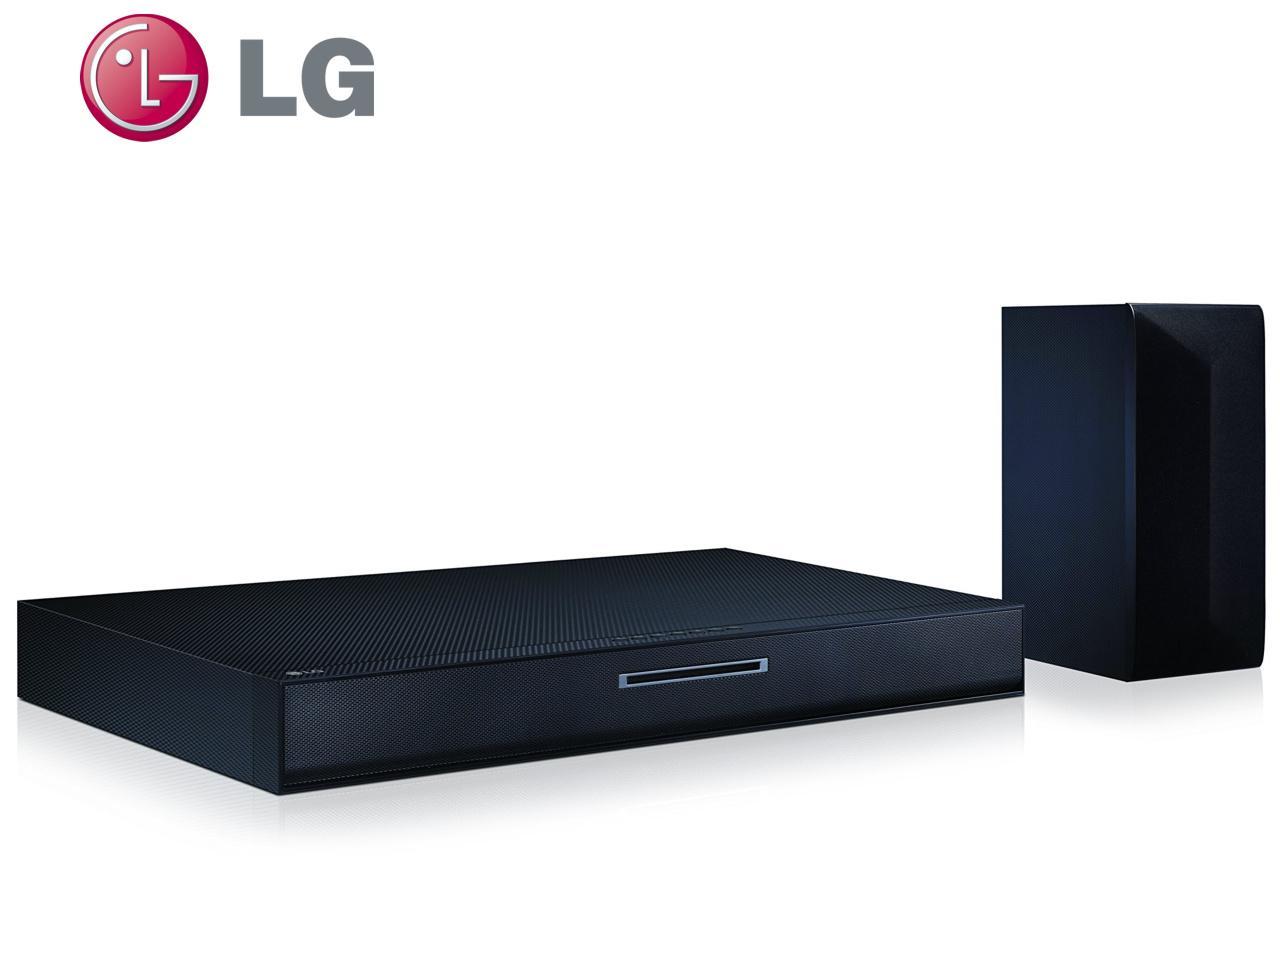 LG-LAD650W_1